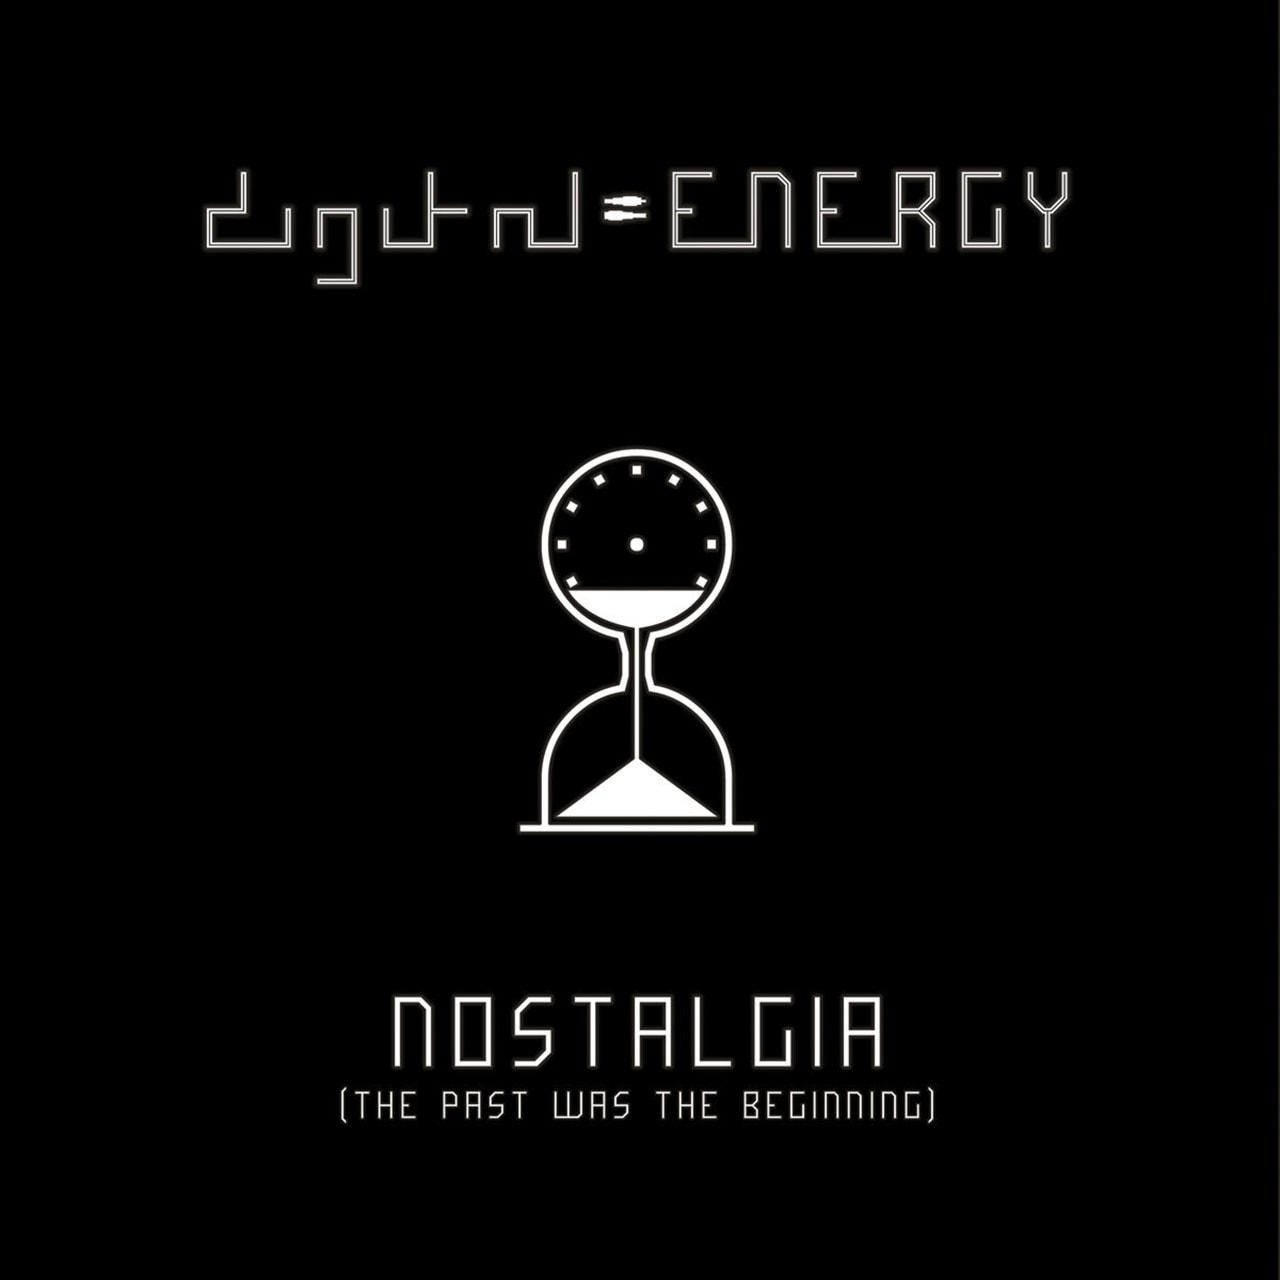 Nostalgia - 1